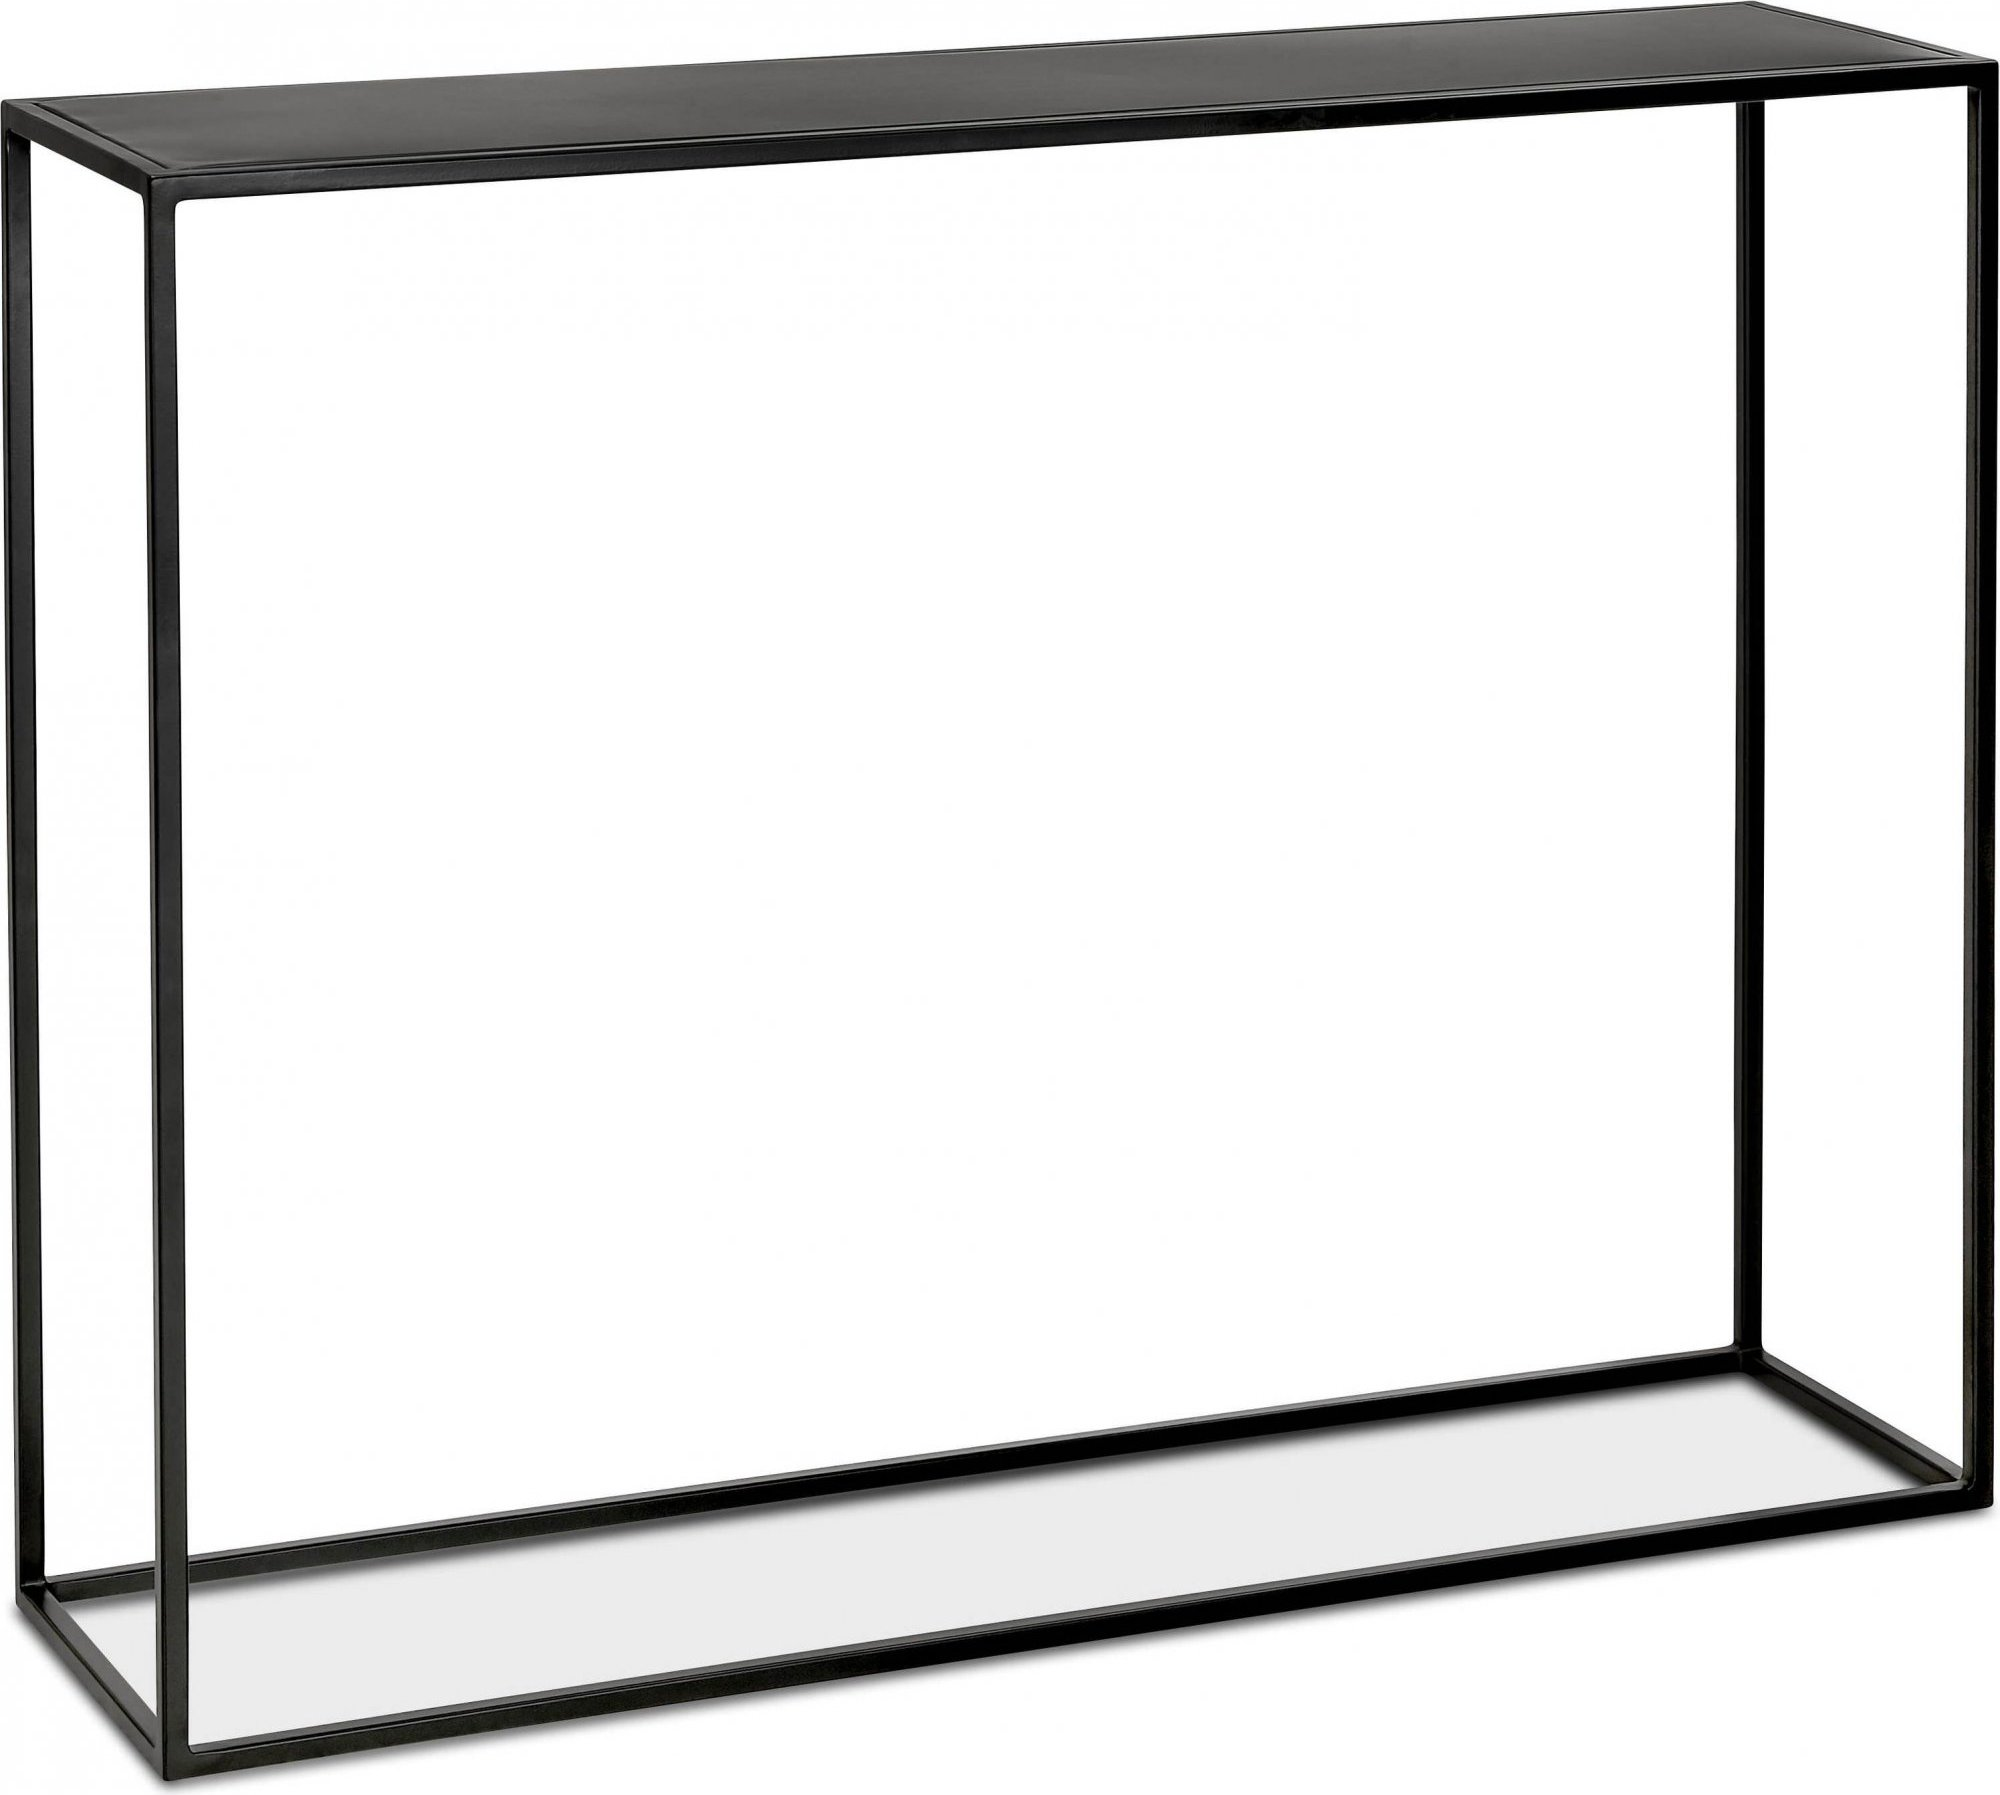 Console design minimaliste en métal thermolaqué noir l110cm